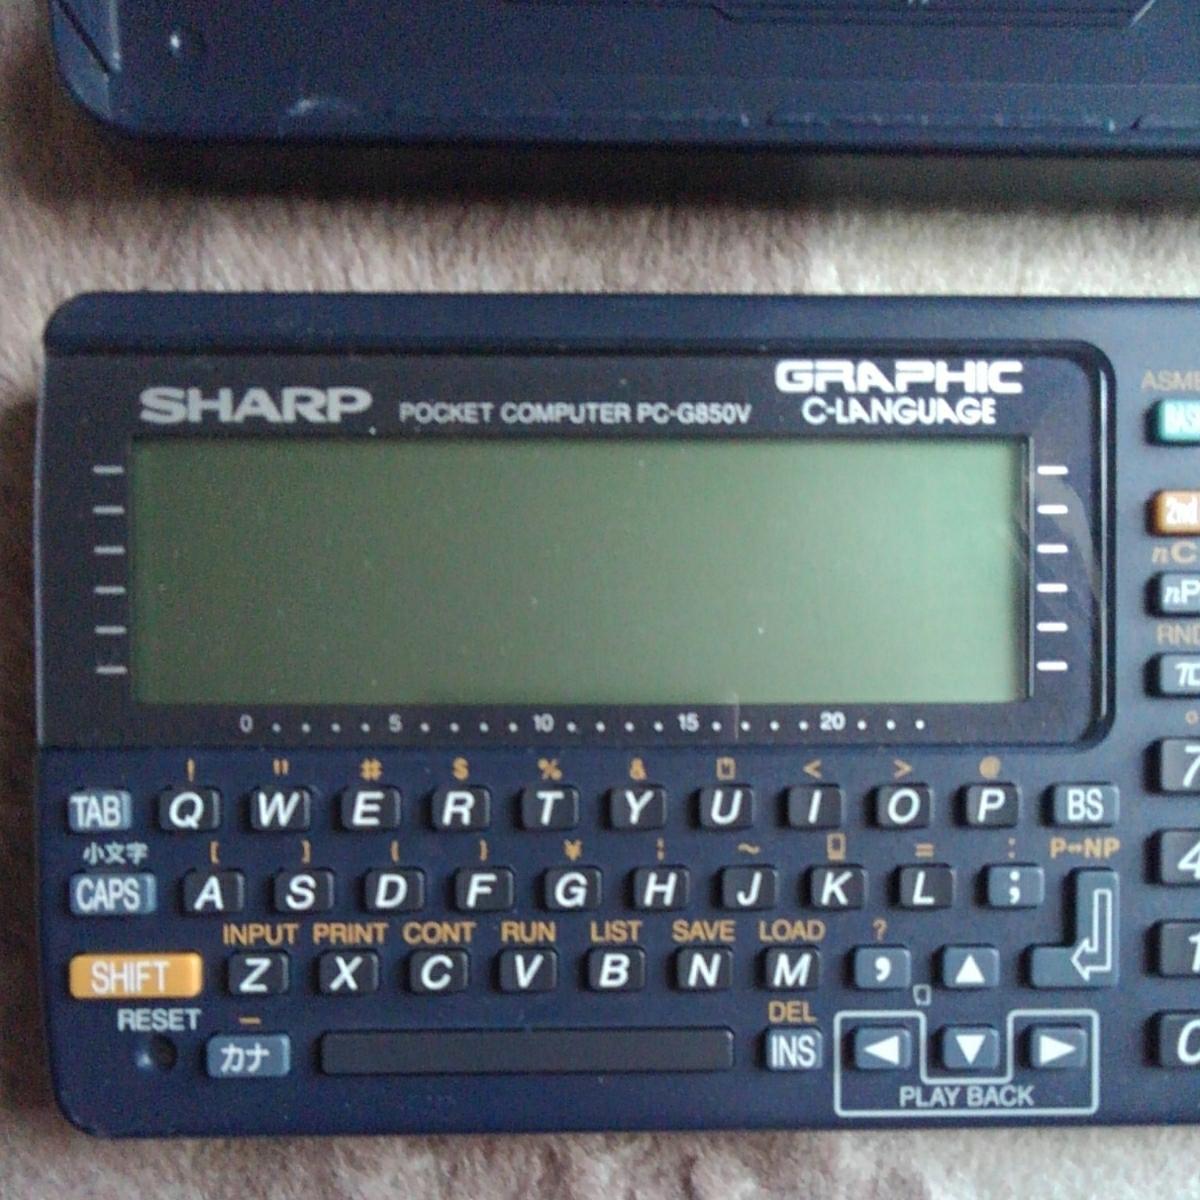 SHARP ポケットコンピューター ポケコン PC-G850V_画像2